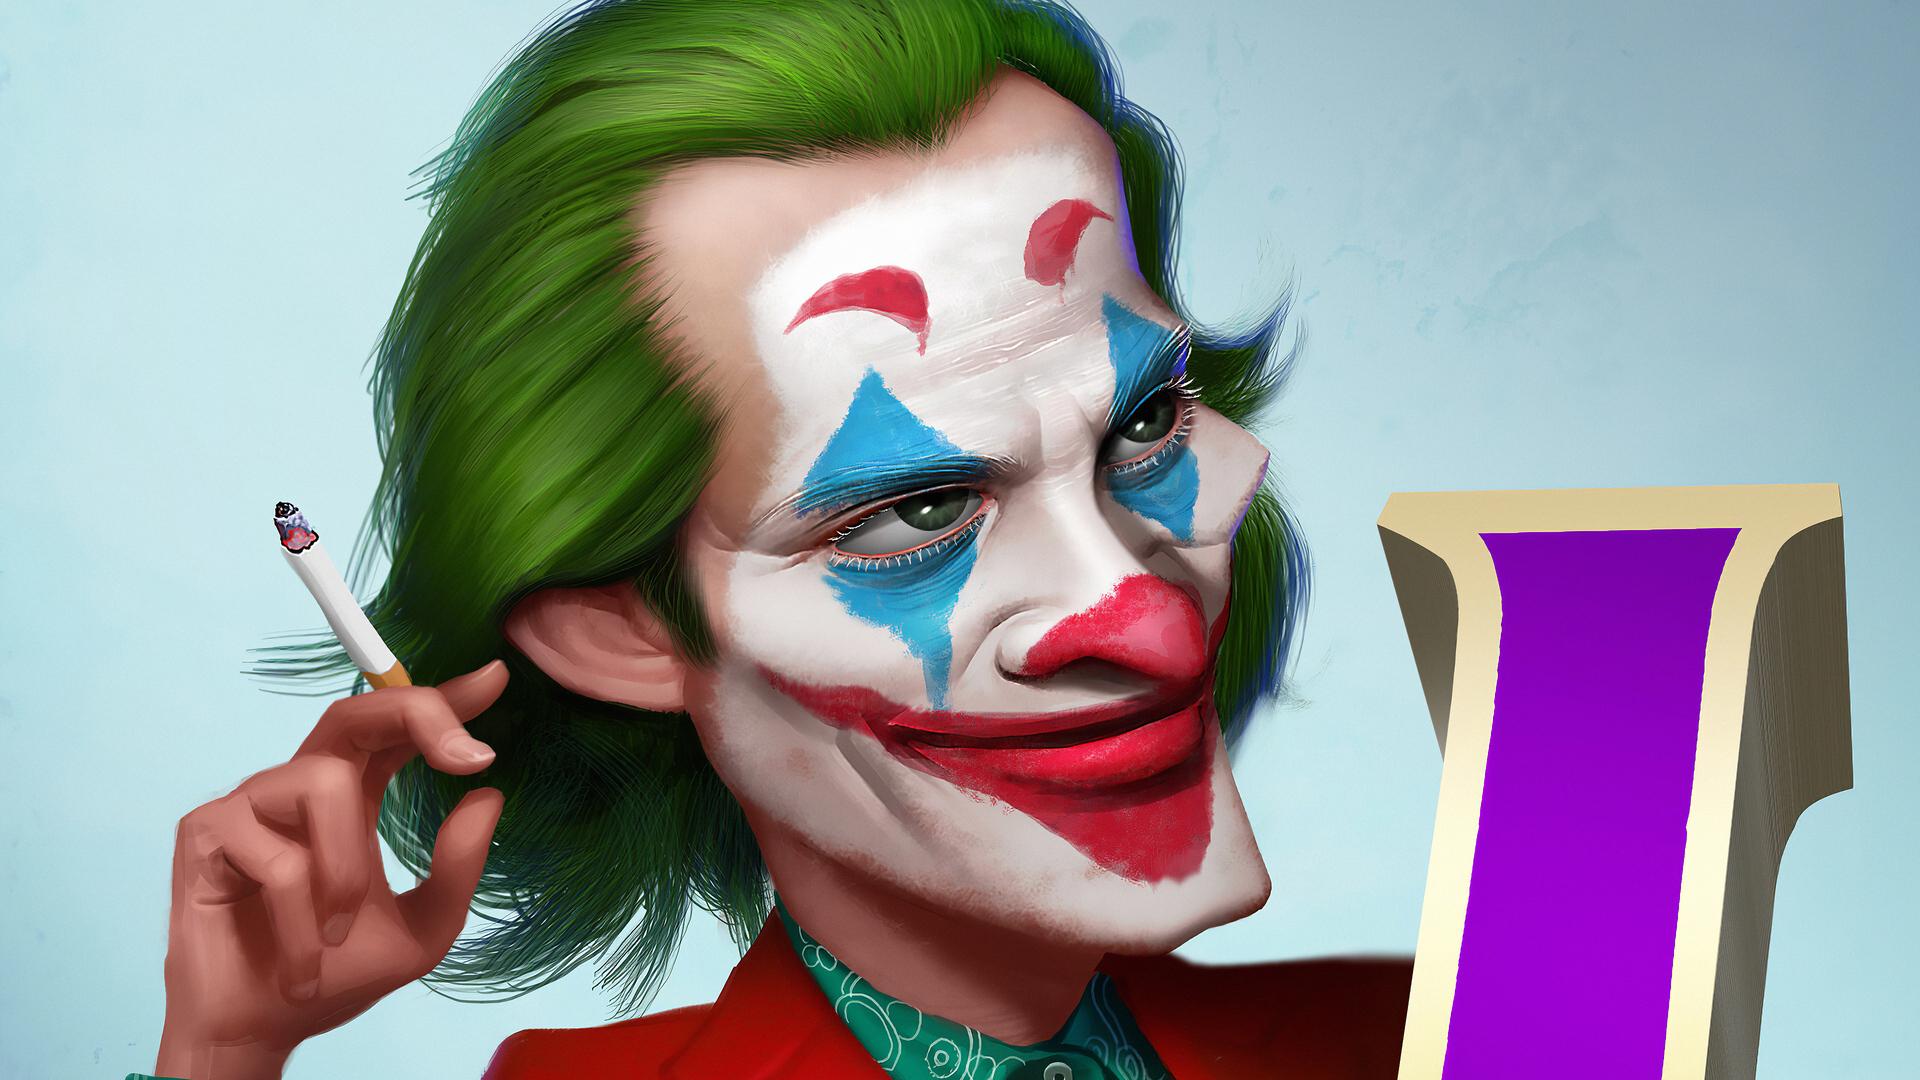 Mr Joker 2020 Full HD Wallpaper